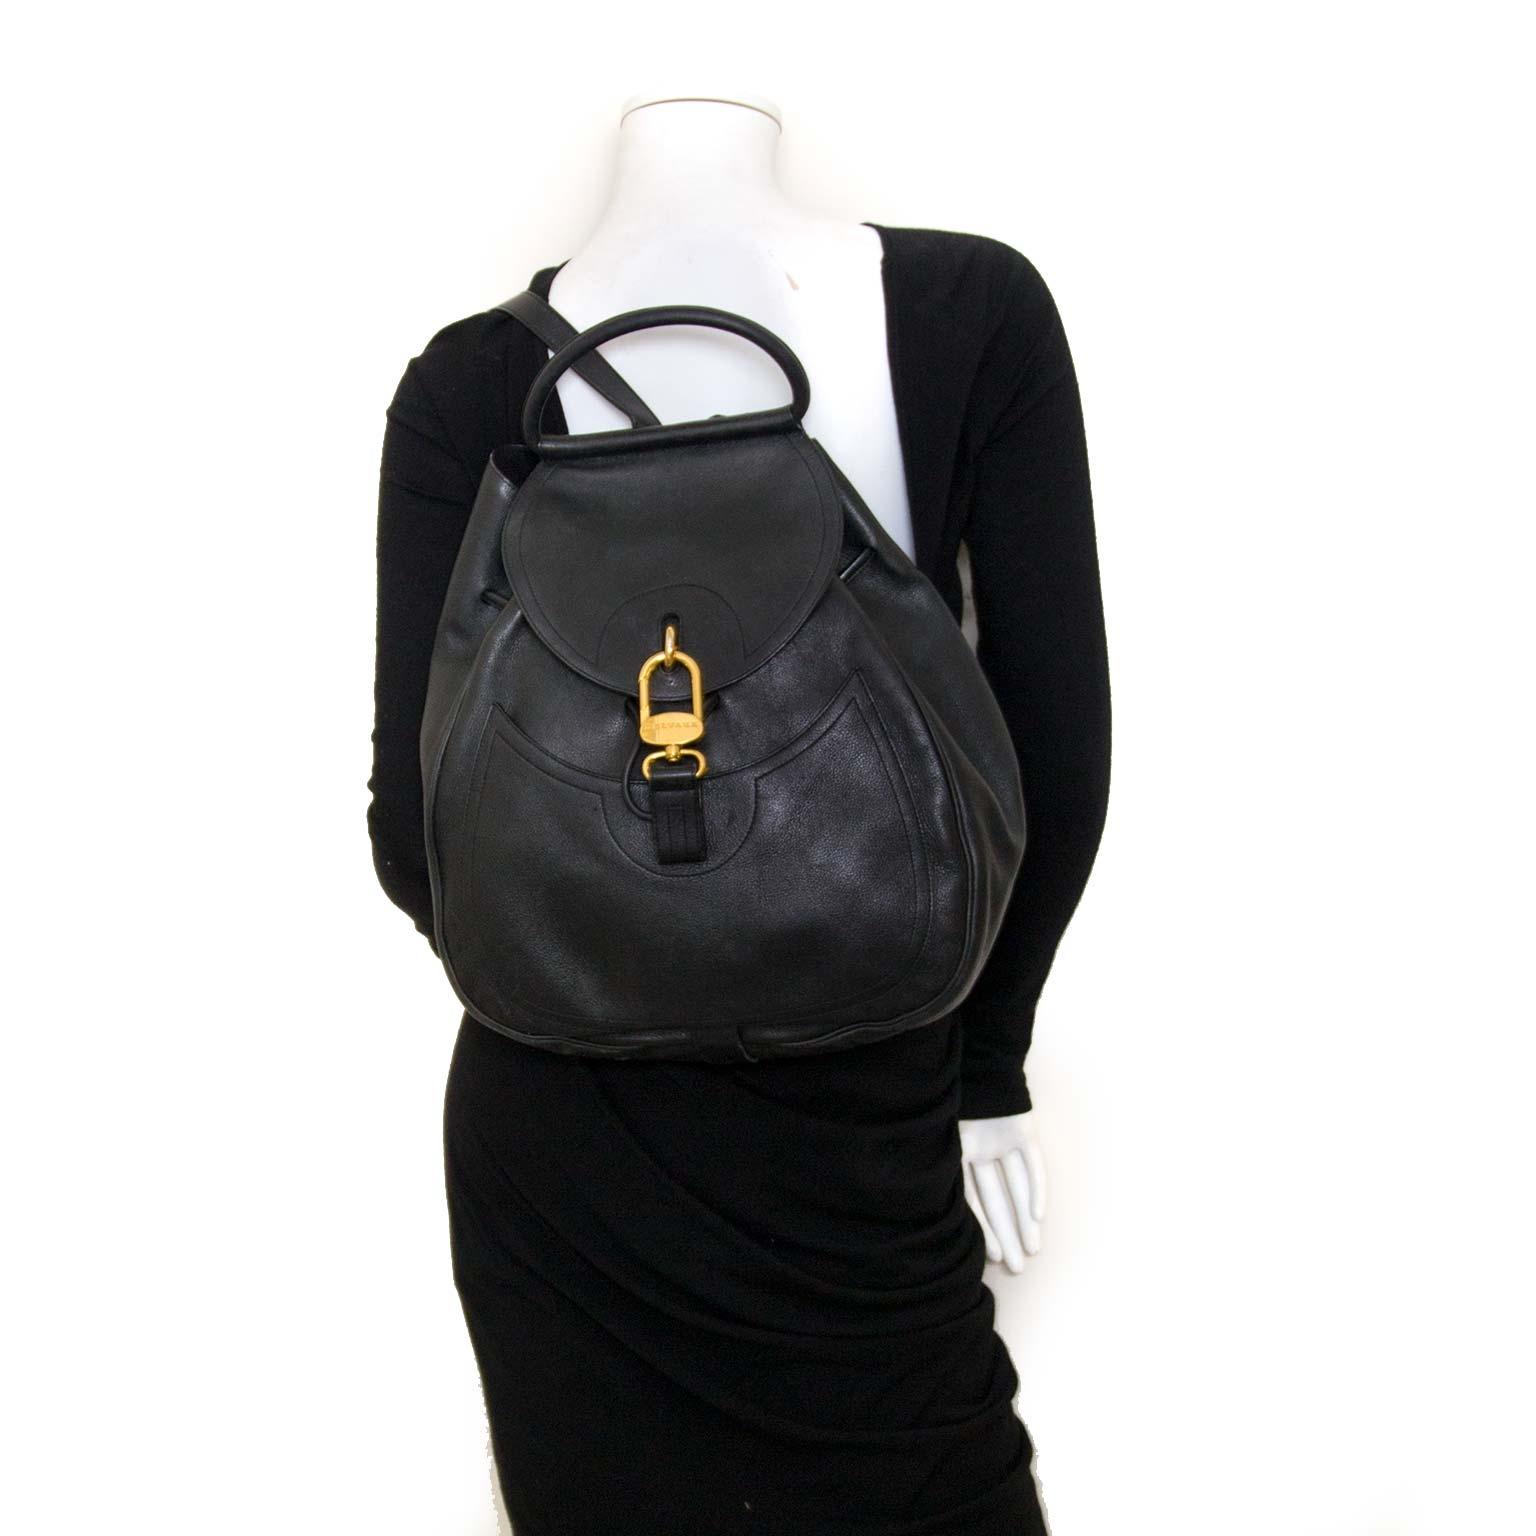 Delvaux Black Cerceau Bag acheter en ligne chez labellov.com pour le meilleur prix